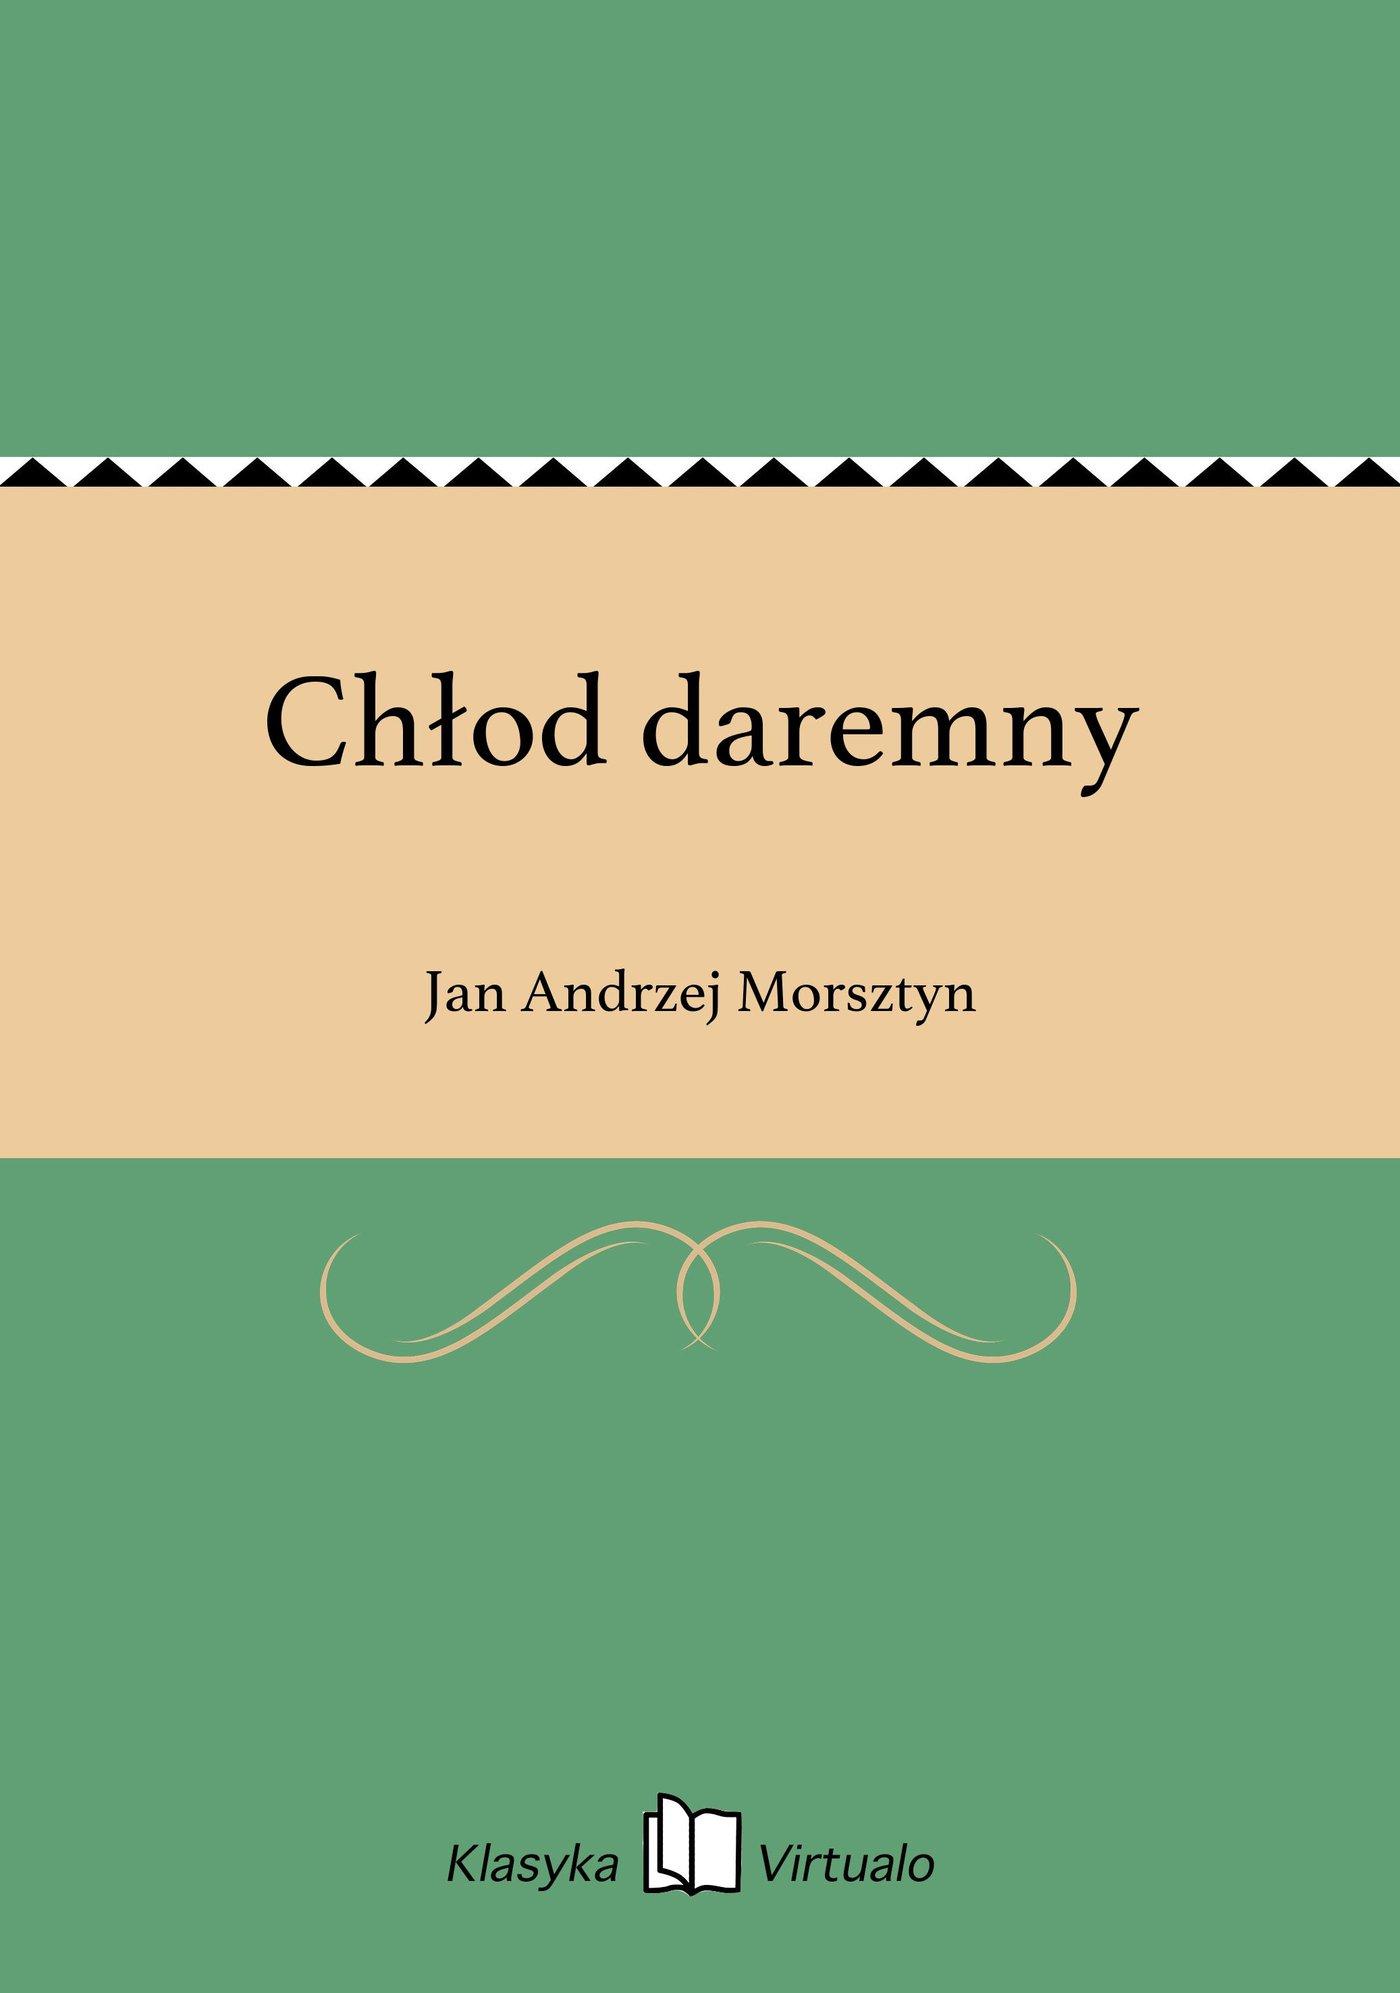 Chłod daremny - Ebook (Książka na Kindle) do pobrania w formacie MOBI